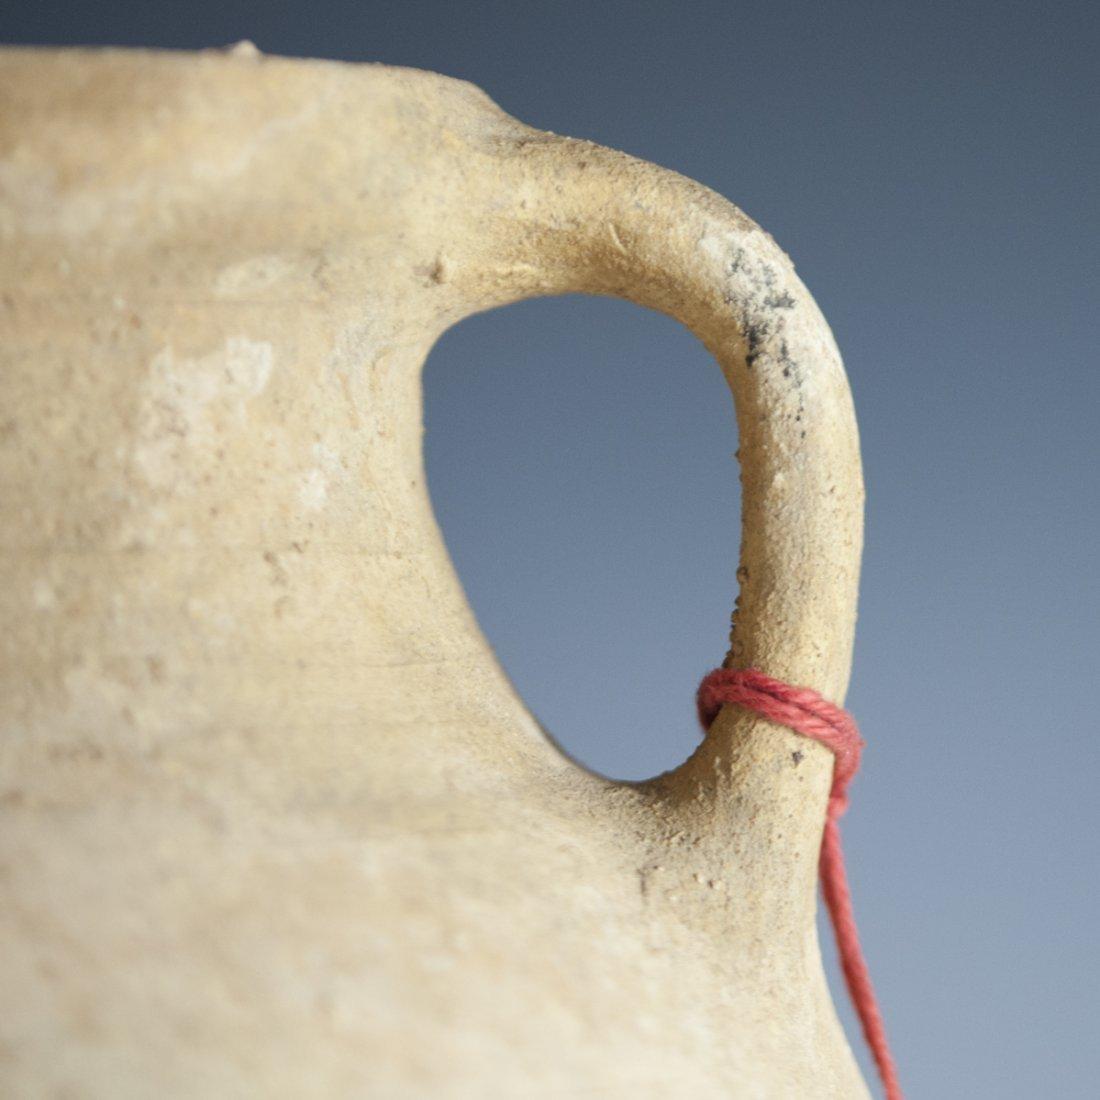 Possibly 1700 BCE Israeli Pottery - 2